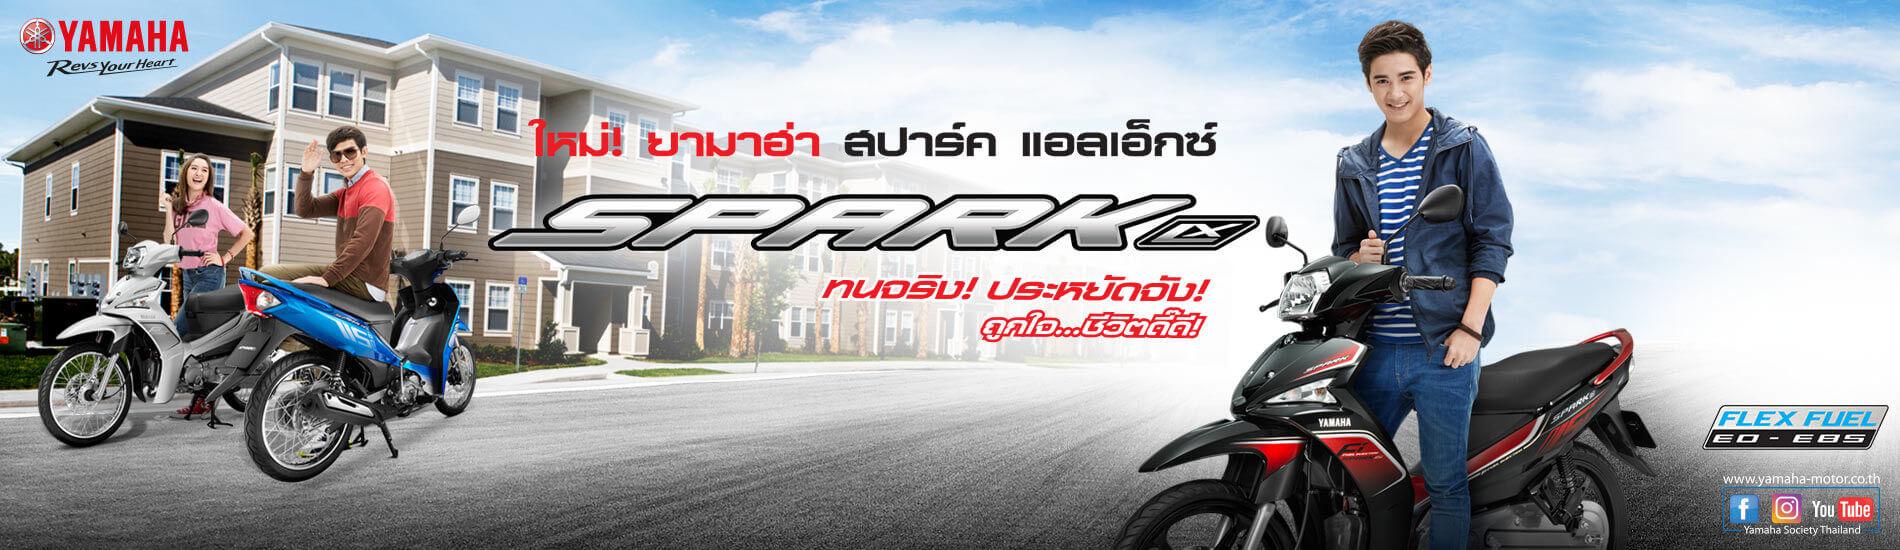 Yamaha Spark LX ปี 2016